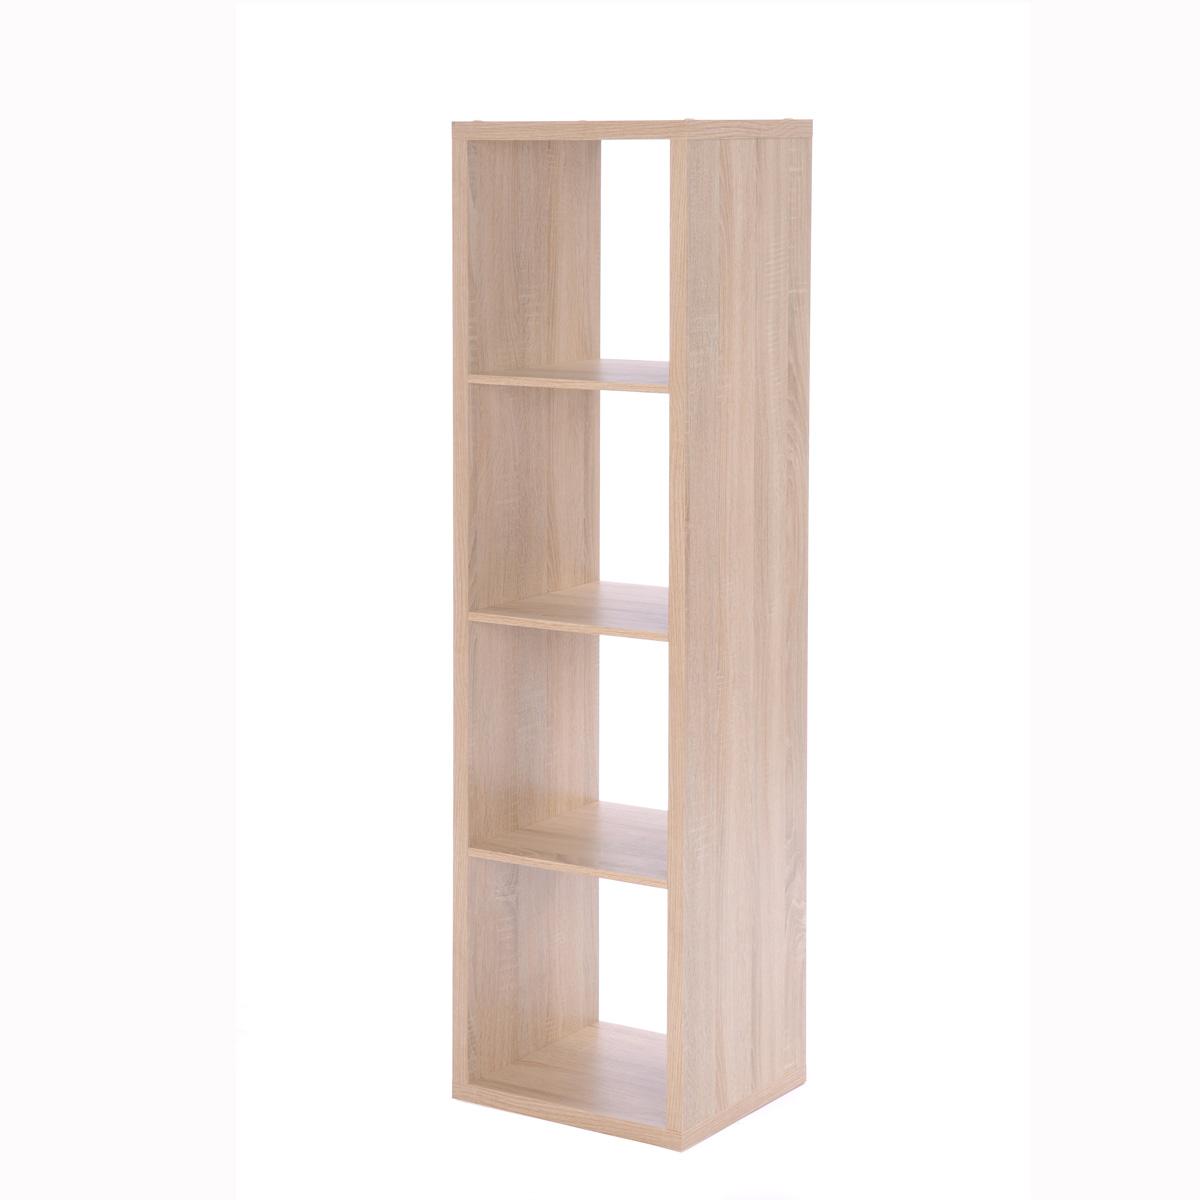 regal max b cherregal raumteiler s ule w rfel eiche wei oder beton mit faltbox ebay. Black Bedroom Furniture Sets. Home Design Ideas